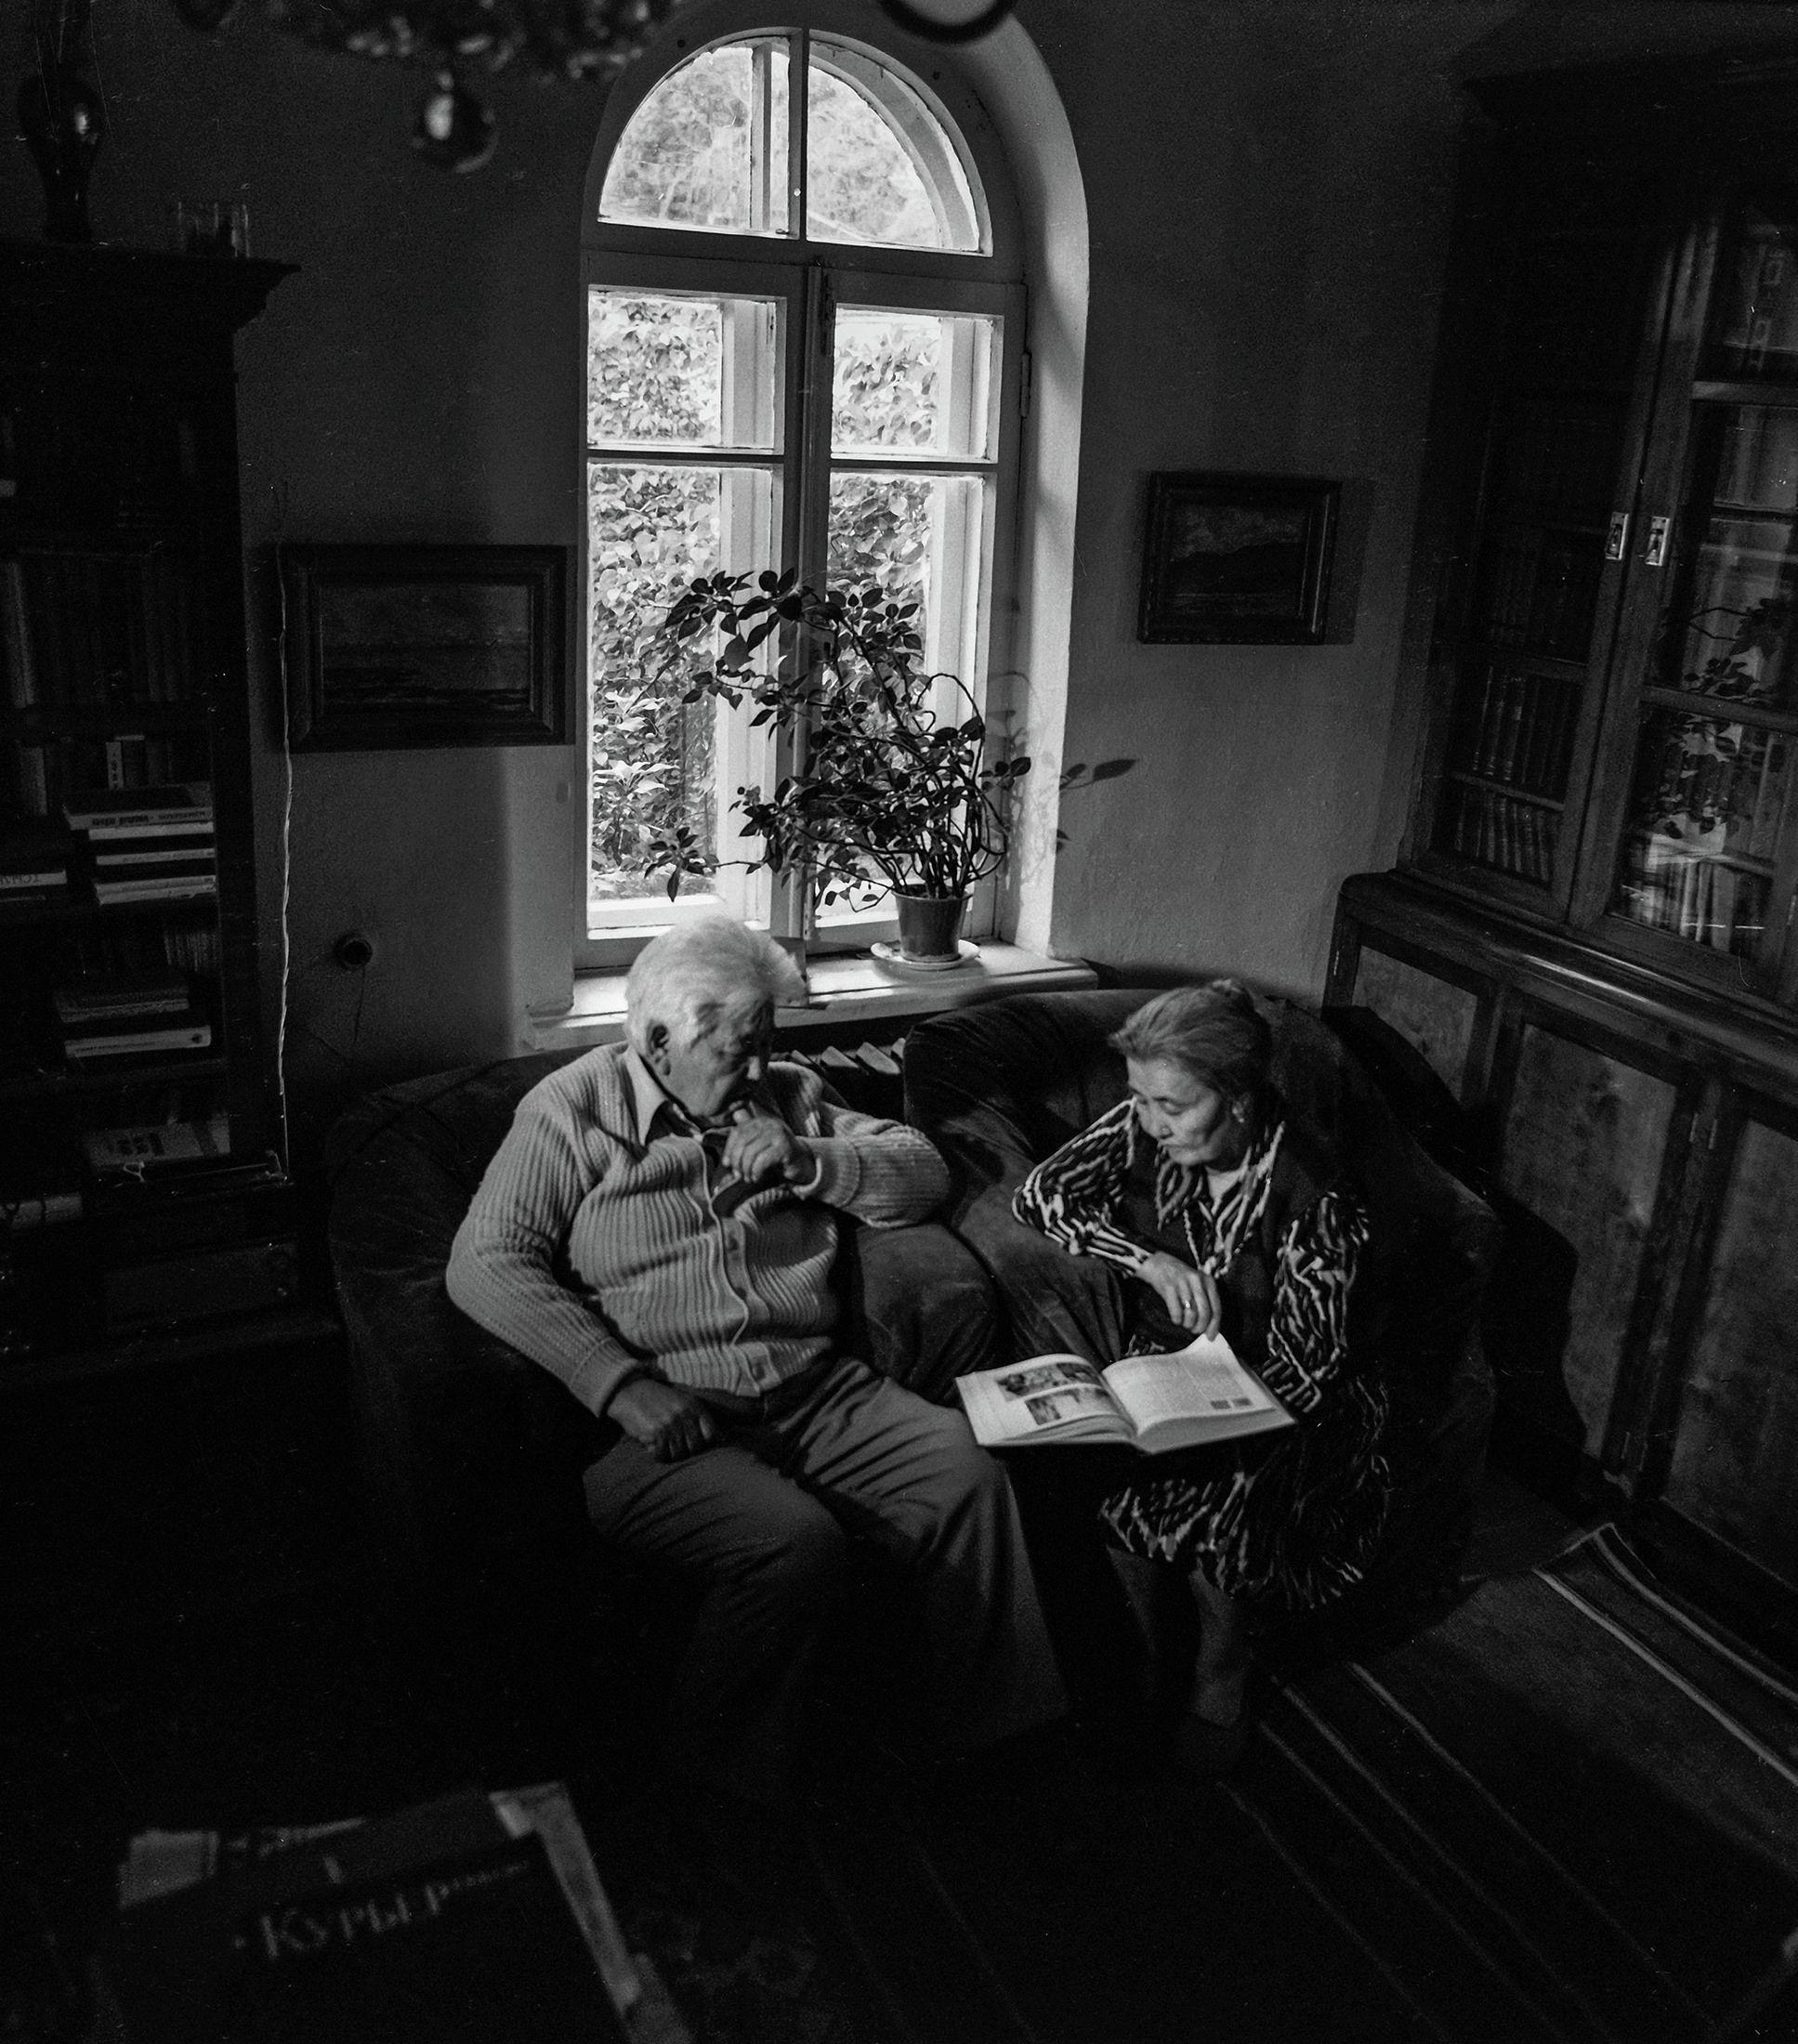 Залкар жазуучу Түгөлбай Сыдыкбеков менен жубайы Асылгүл Мырзабаеванын сүрөтү 1983-жылы Фрунзе шаарында тартылган